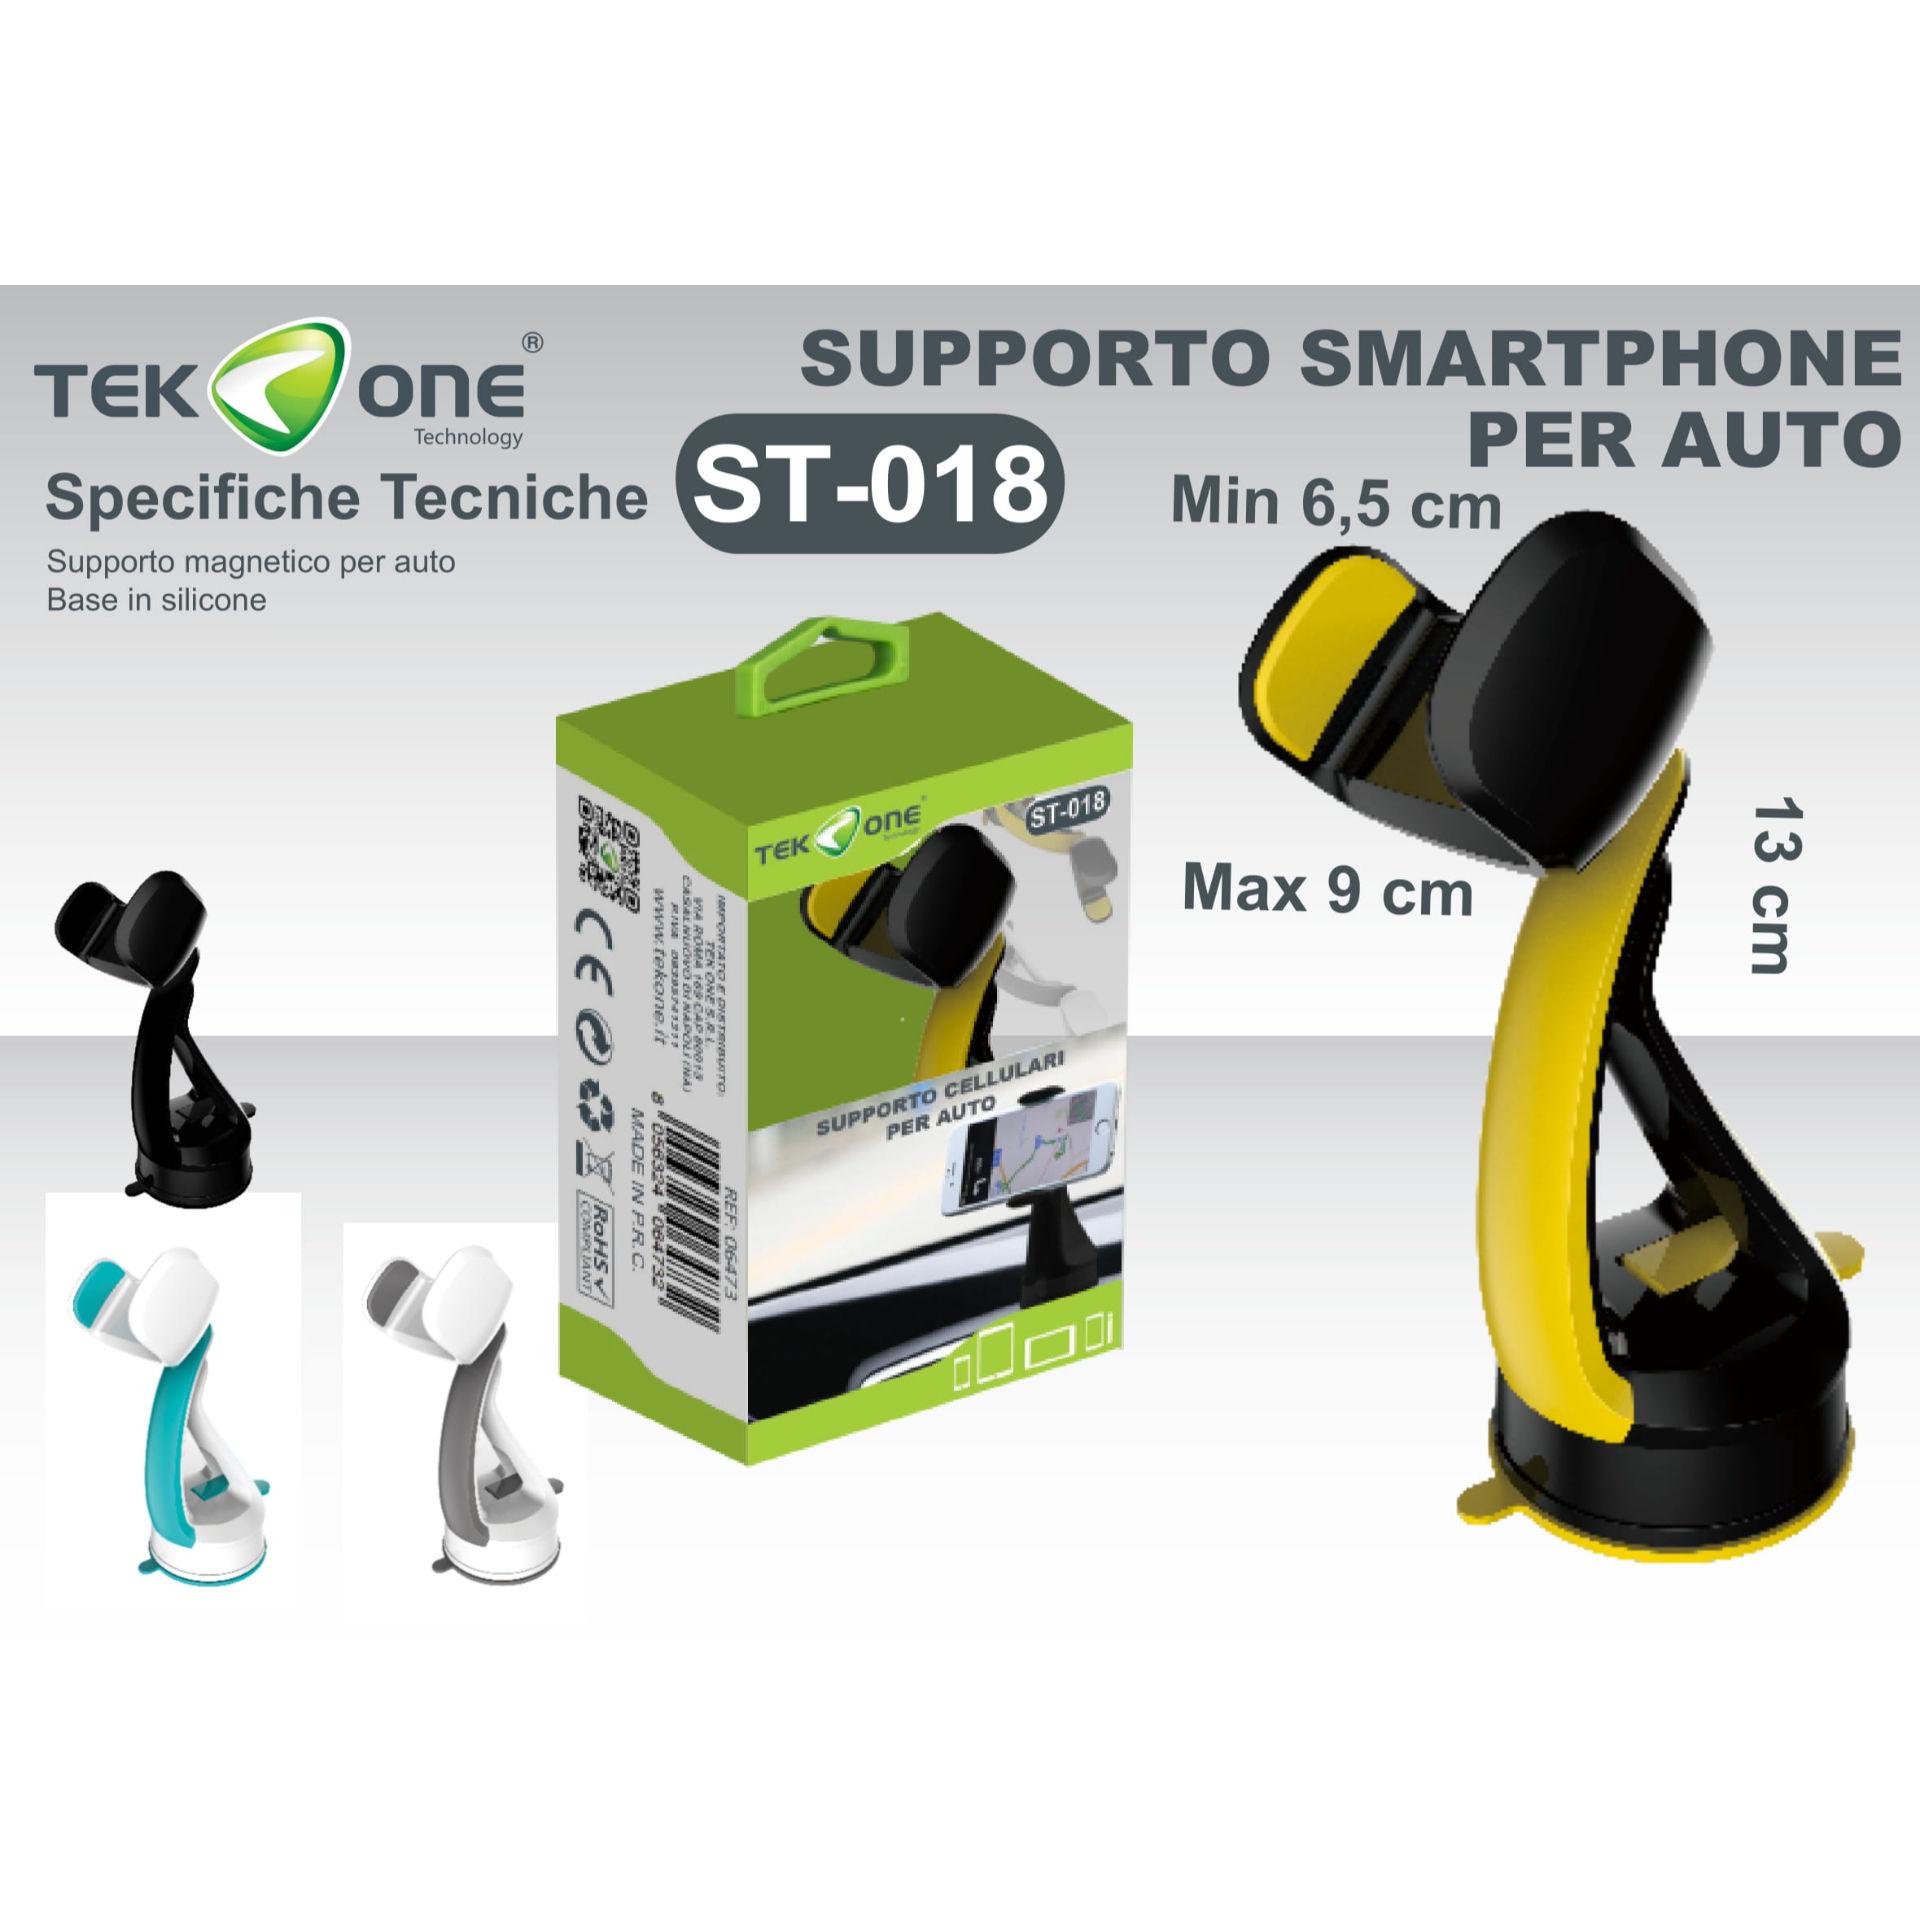 SUPPORTO A VENTOSA PER SMARTPHONE ST018Tekone